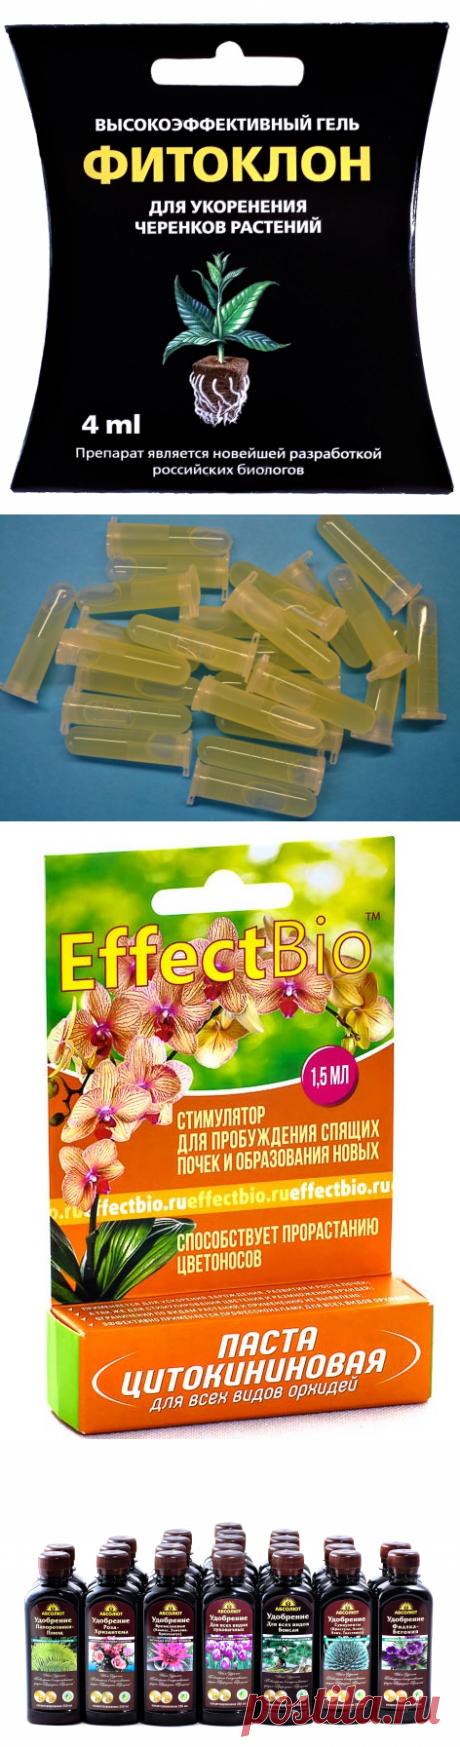 Каталог продукции нашего производства - Производитель «EffectBio» «Effect» «Effect+» «Абсолют»